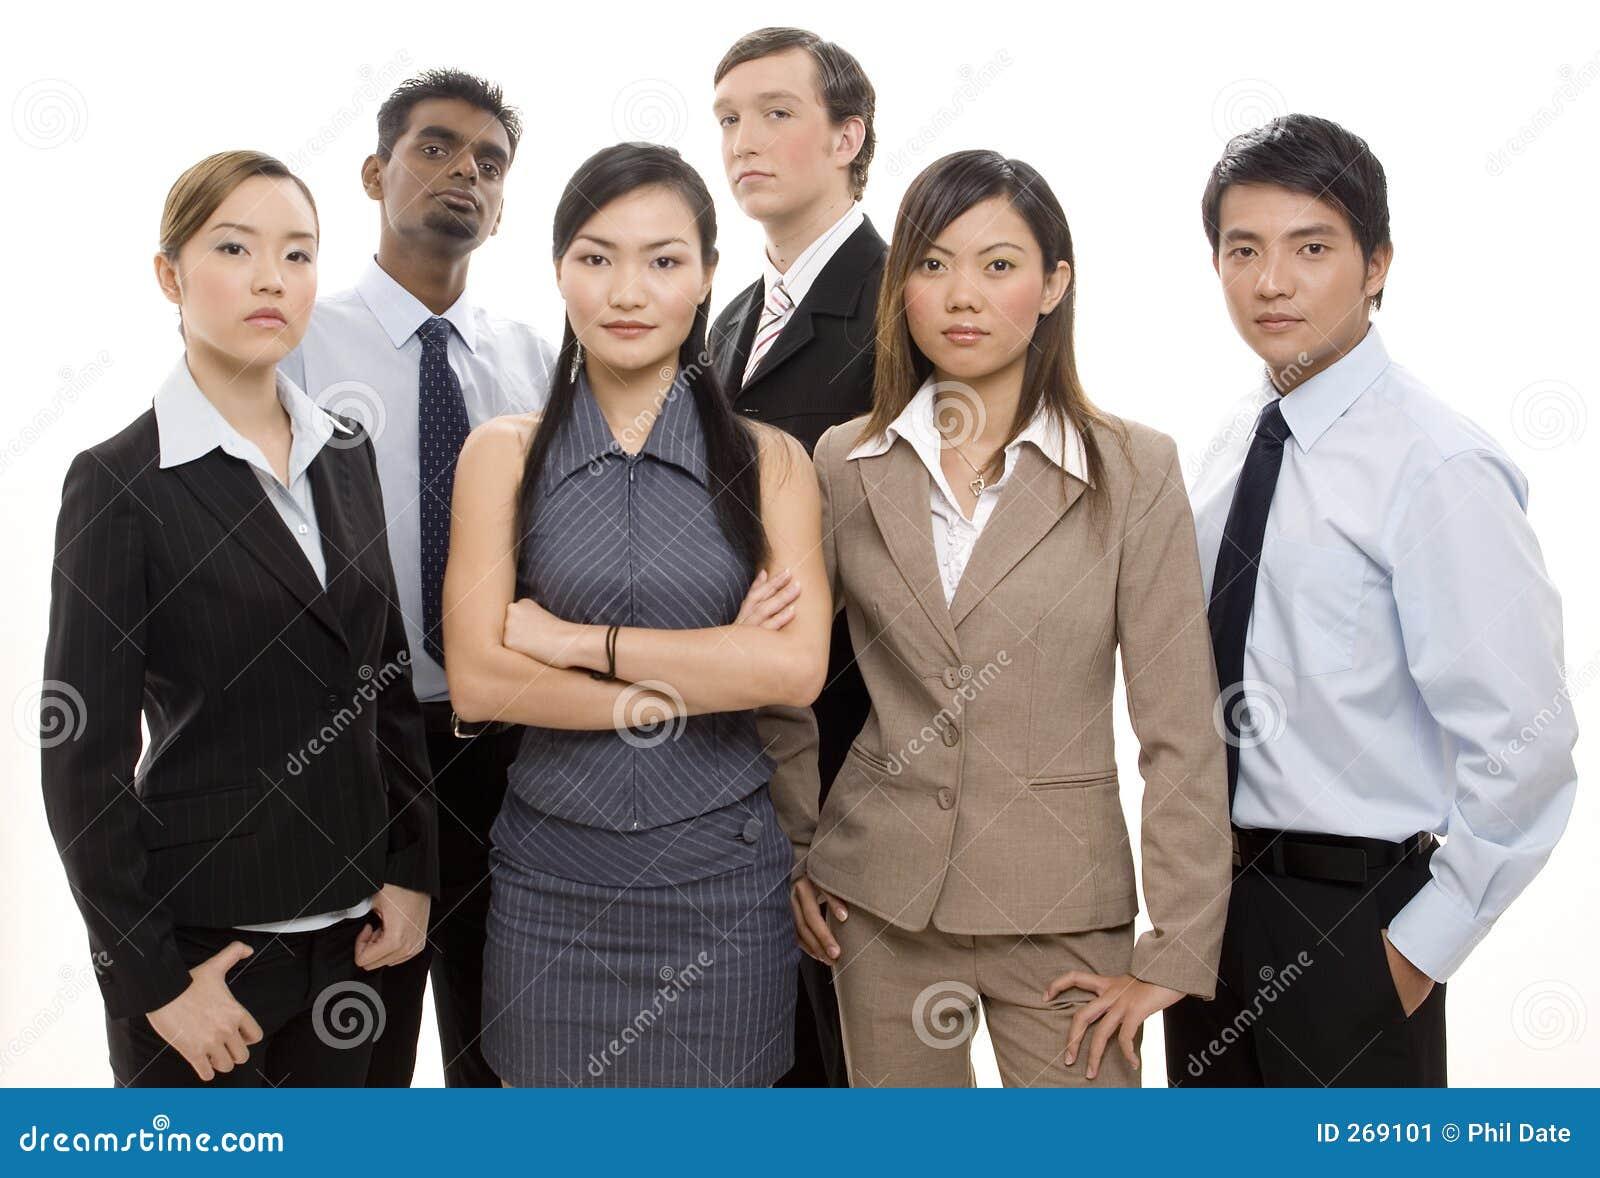 Frases Para Personas Serias: Personas Serias Del Asunto Imagen De Archivo. Imagen De